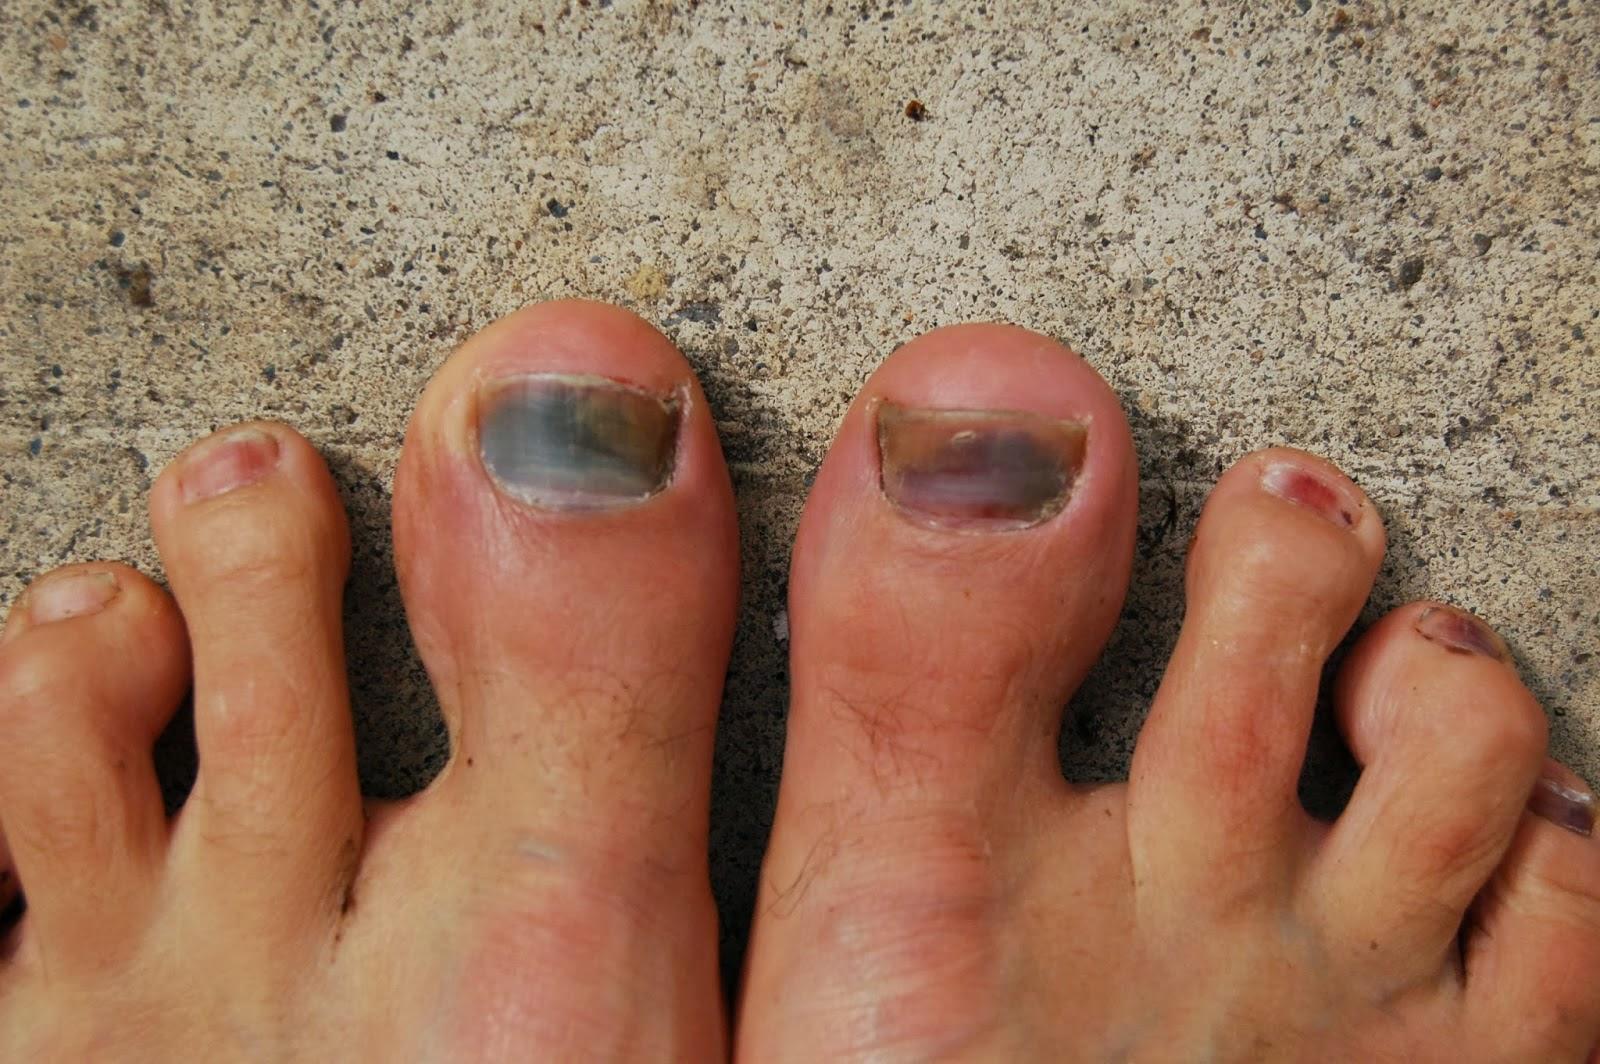 Nail fungus Causes - Mayo Clinic